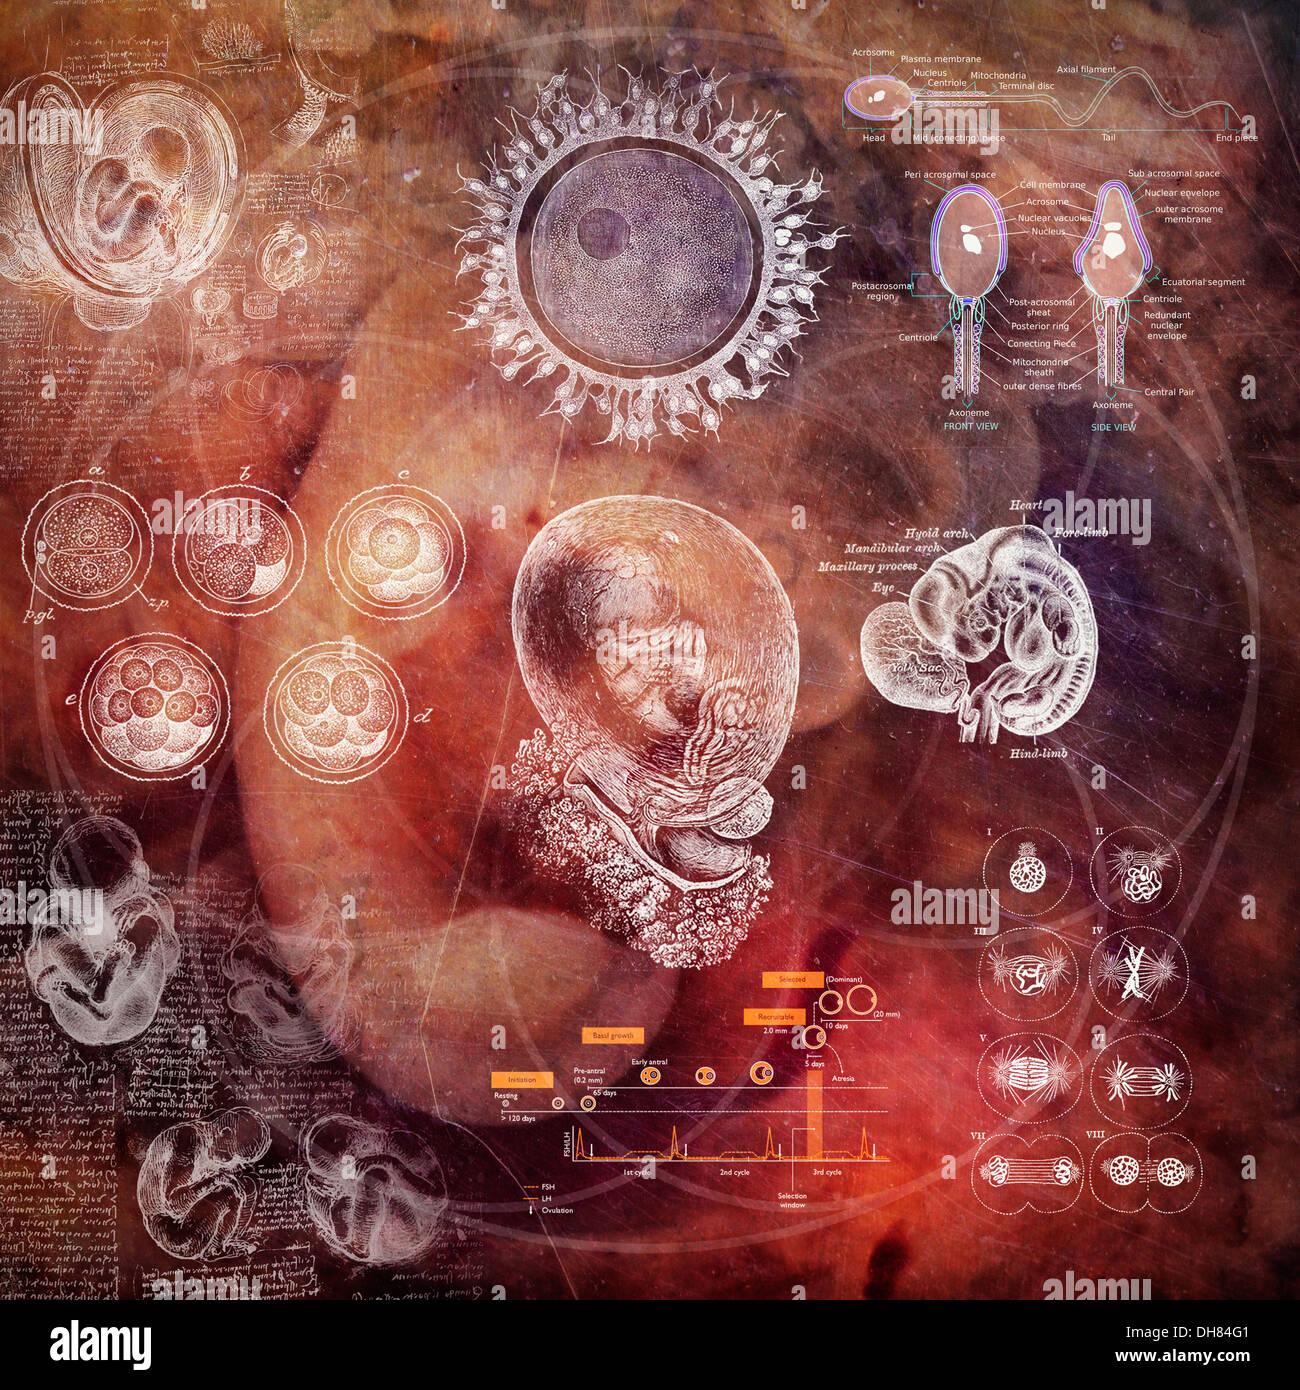 Embrión. Ilustración hecha con material libre de derechos de autor. Imagen De Stock